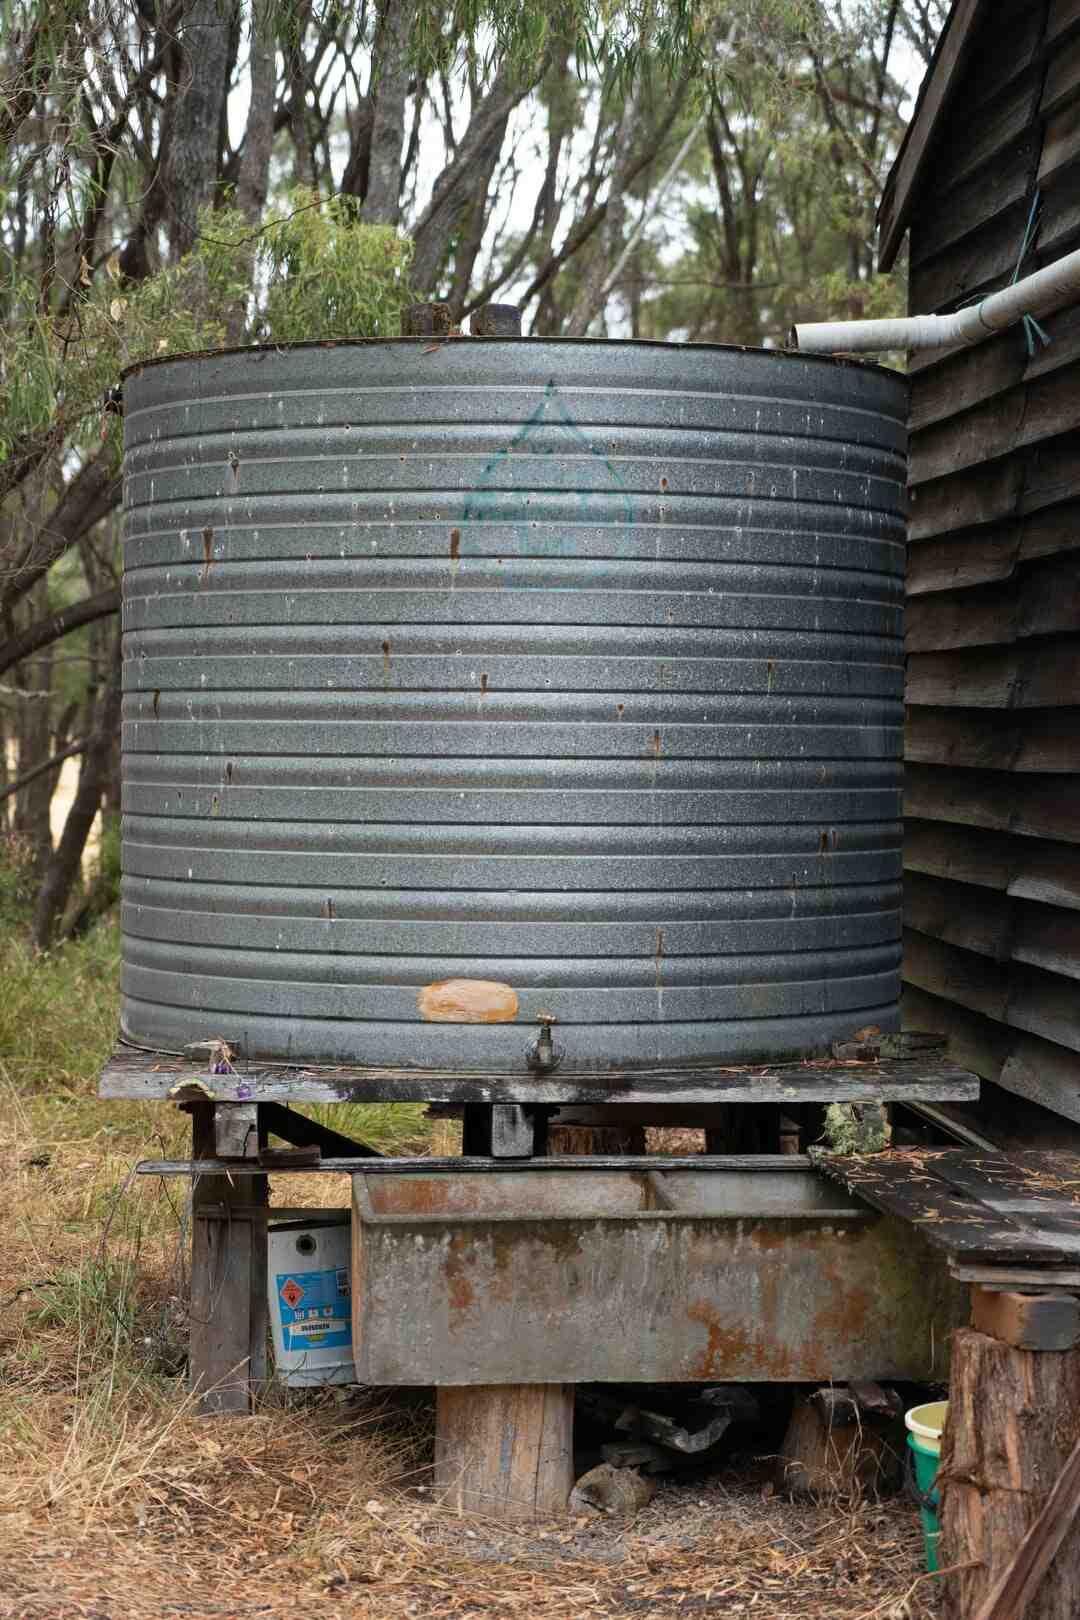 Comment recuperer eau de pluie terrasse ?